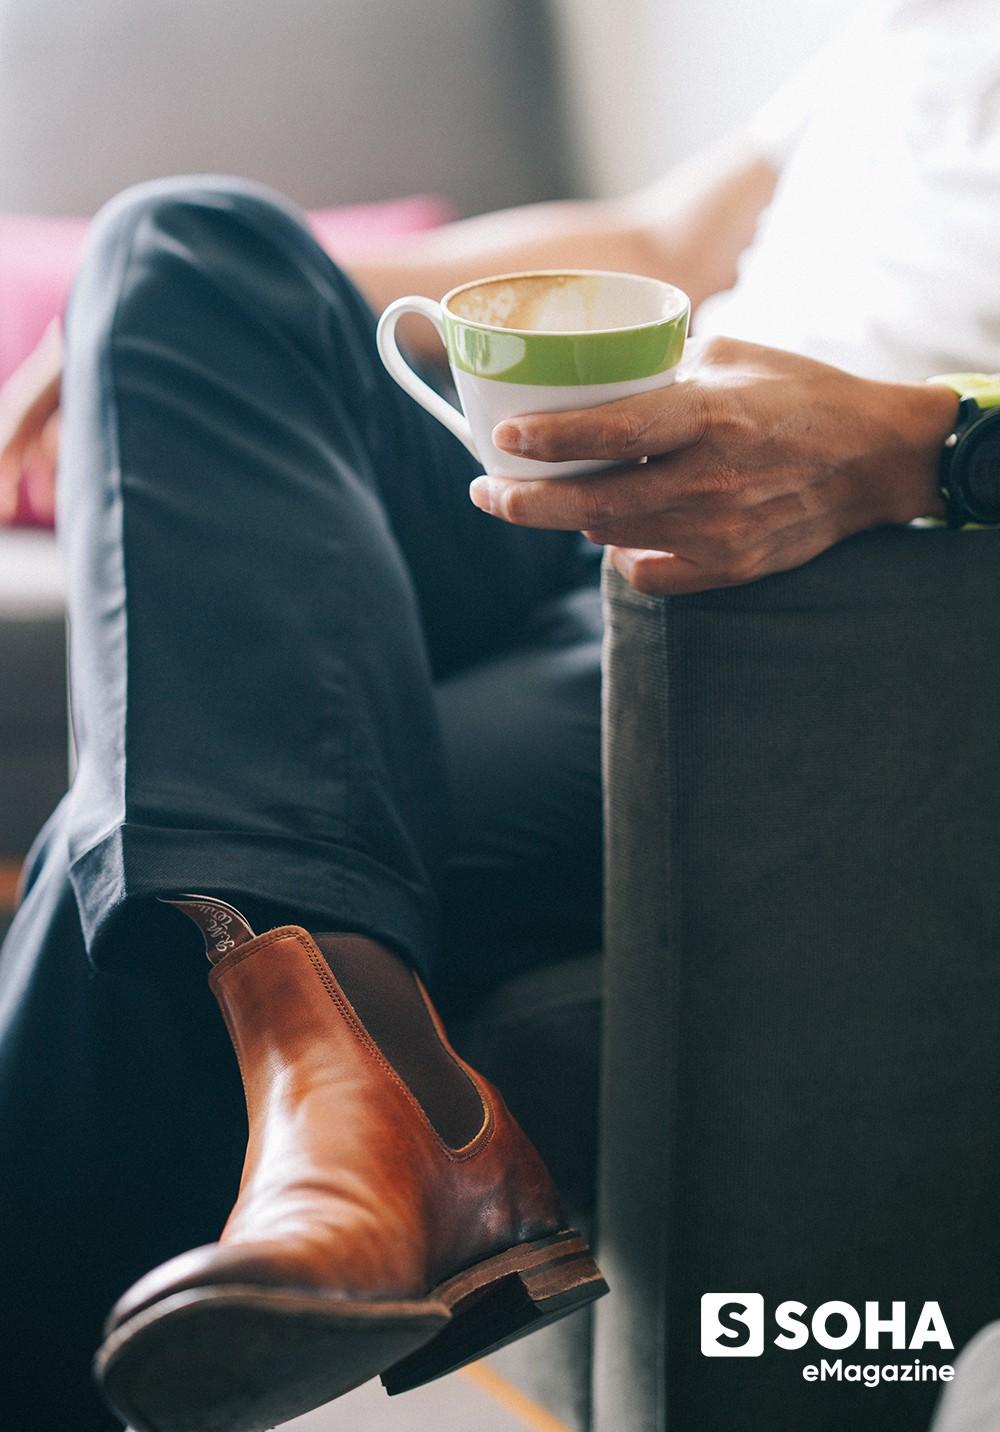 Chủ tịch tập đoàn nghìn tỷ, 10 năm chỉ đi một đôi giày, cuối tuần tự lái xe chở khách và khoản từ thiện trọn đời cho Đại học Fulbright - Ảnh 11.